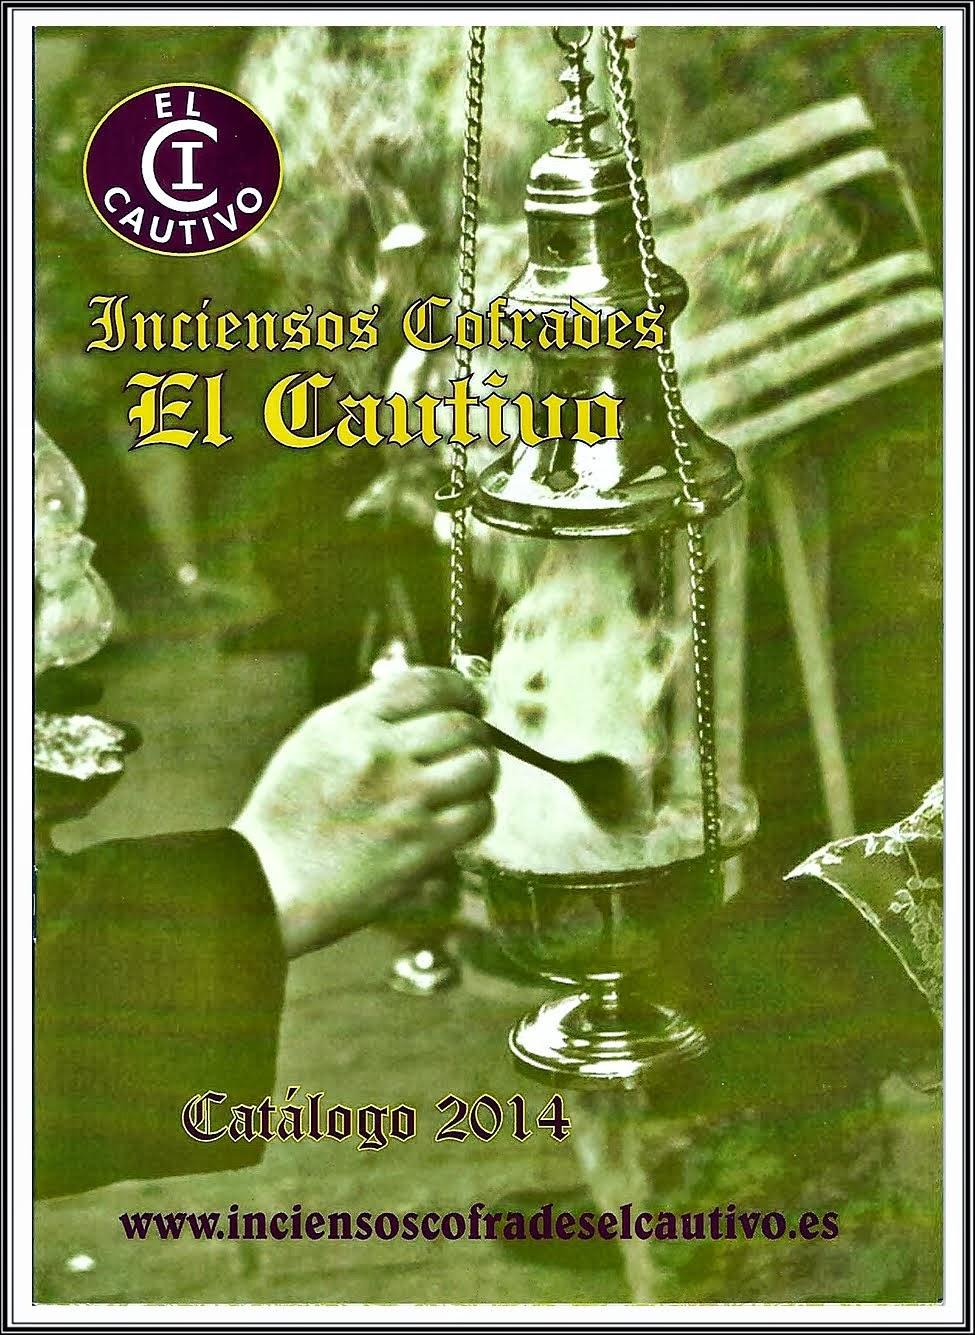 Catalogo de Inciensos Cofrades El Cautivo de 2014. CARMONA (Sevilla).